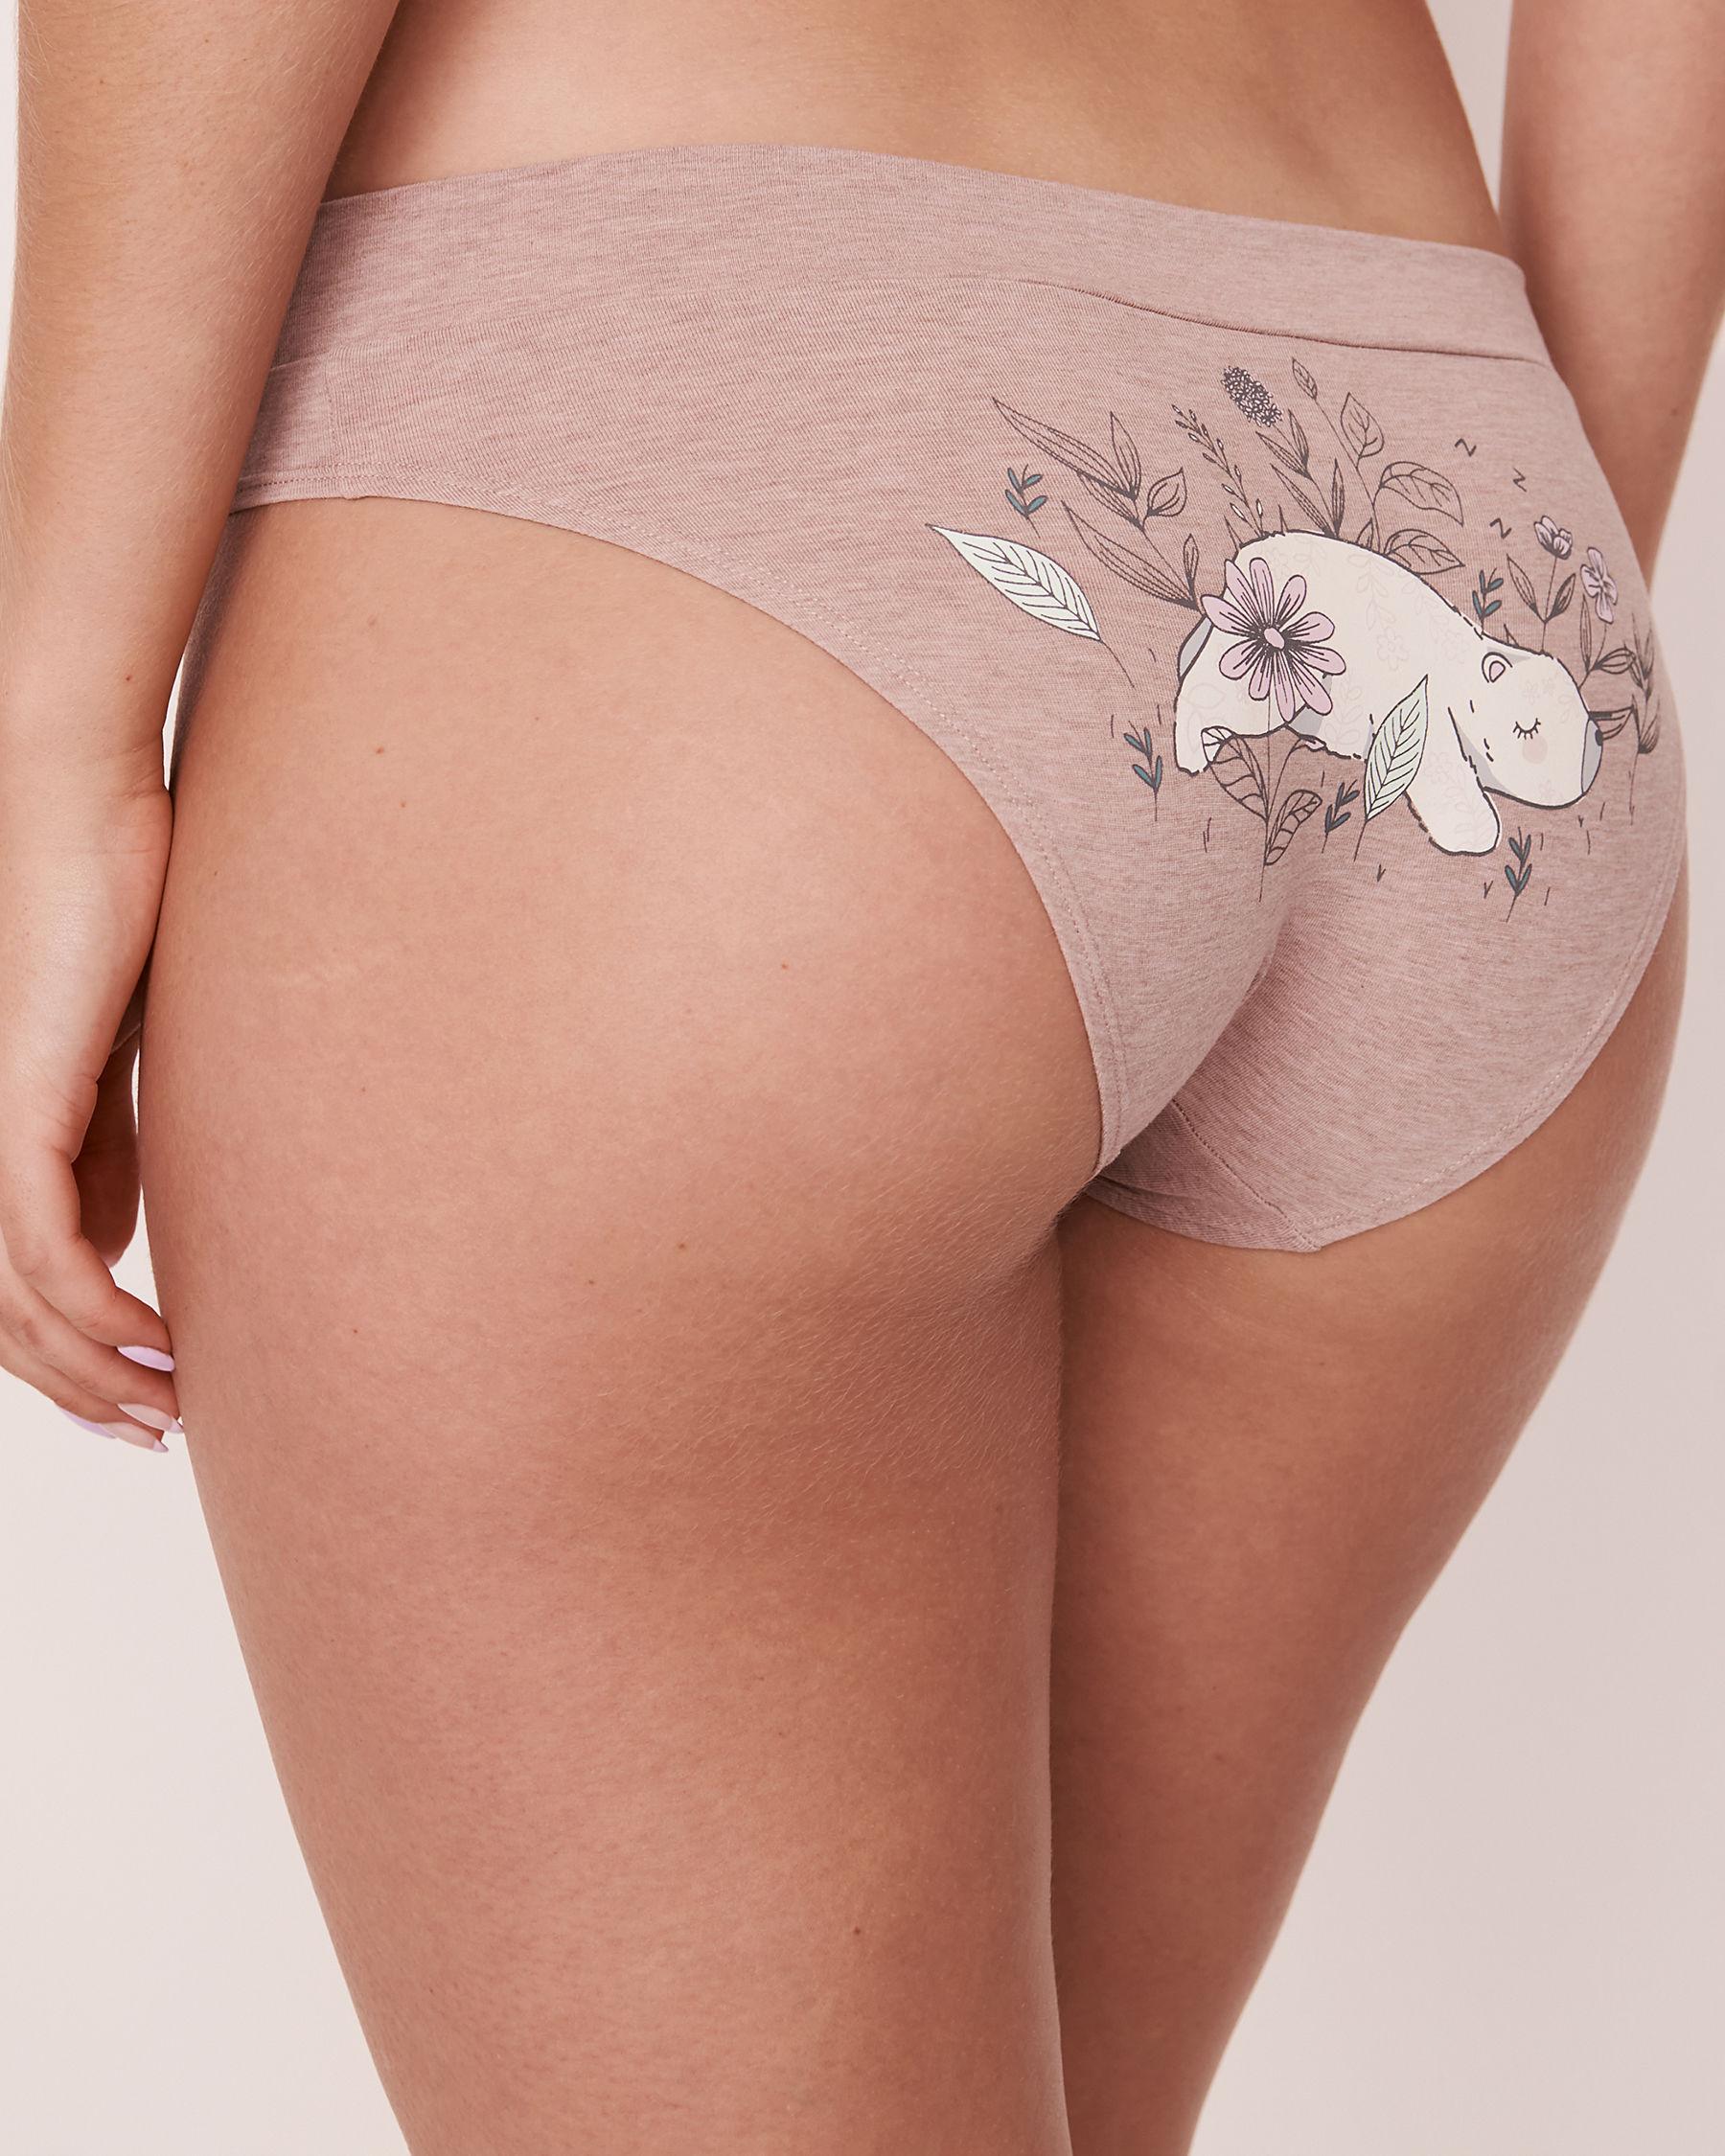 LA VIE EN ROSE Bikini Panty Mauve mix 20100065 - View1